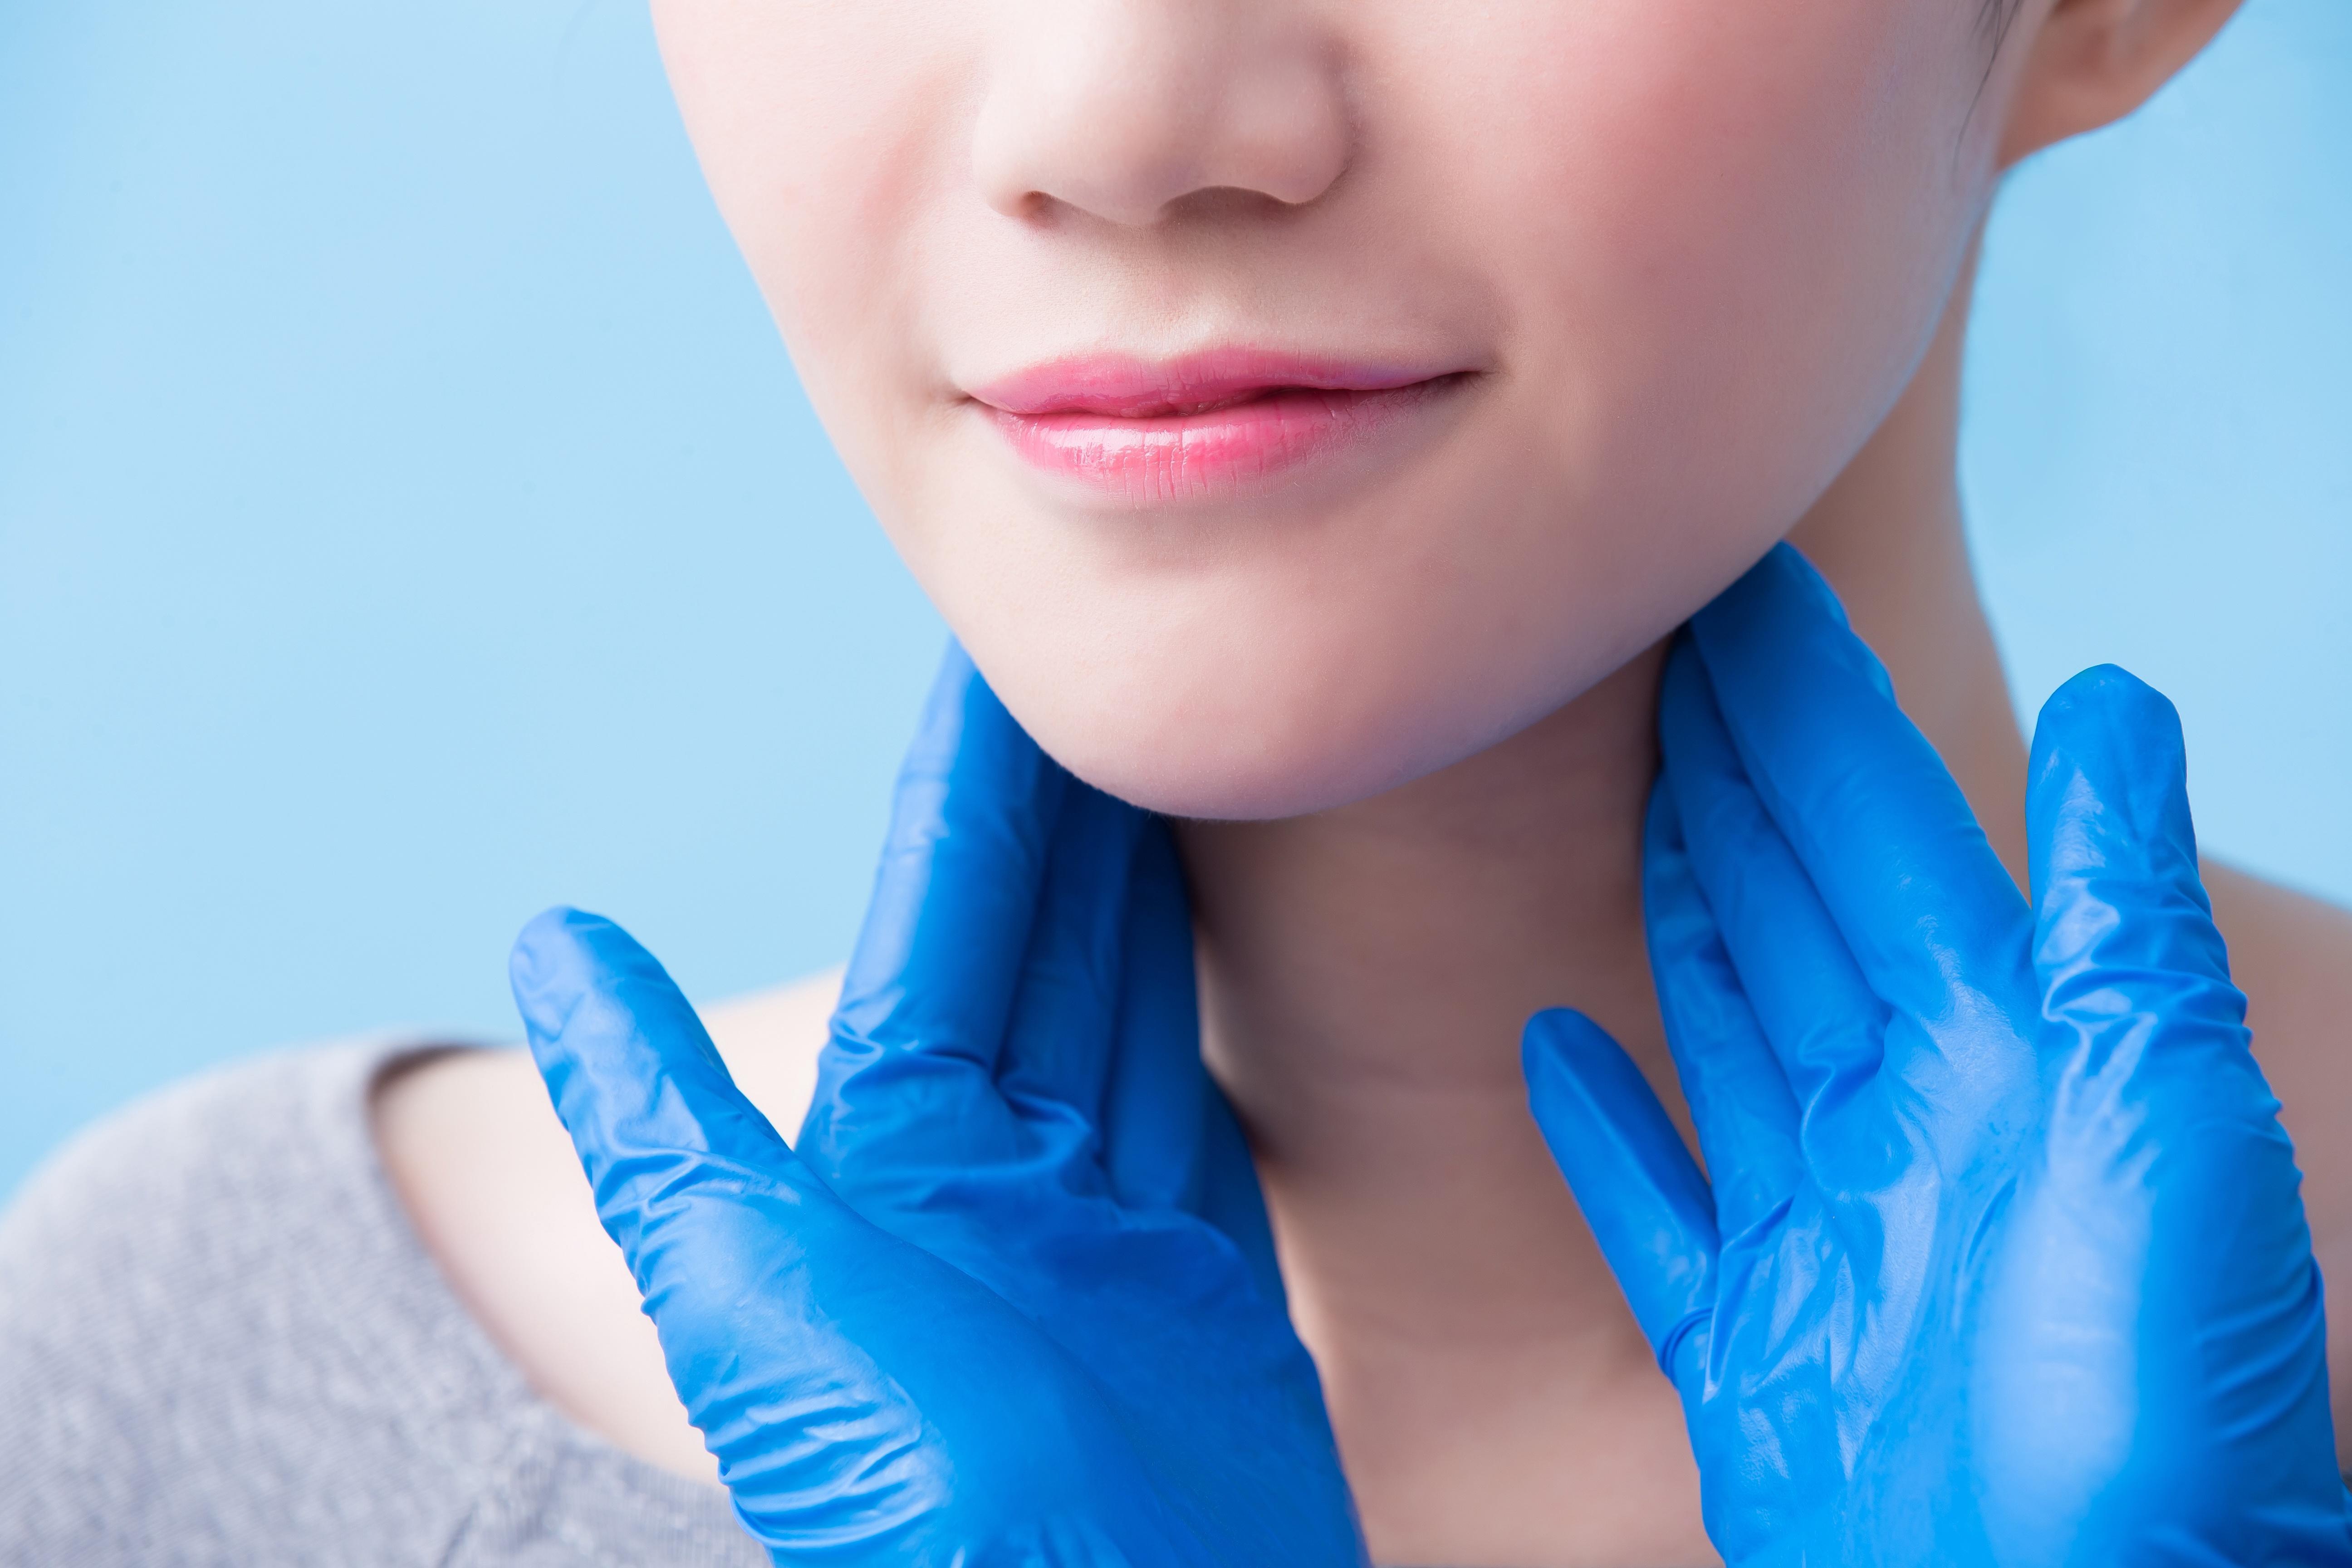 甲状腺癌的腔镜治疗较开放性手术治疗的优势